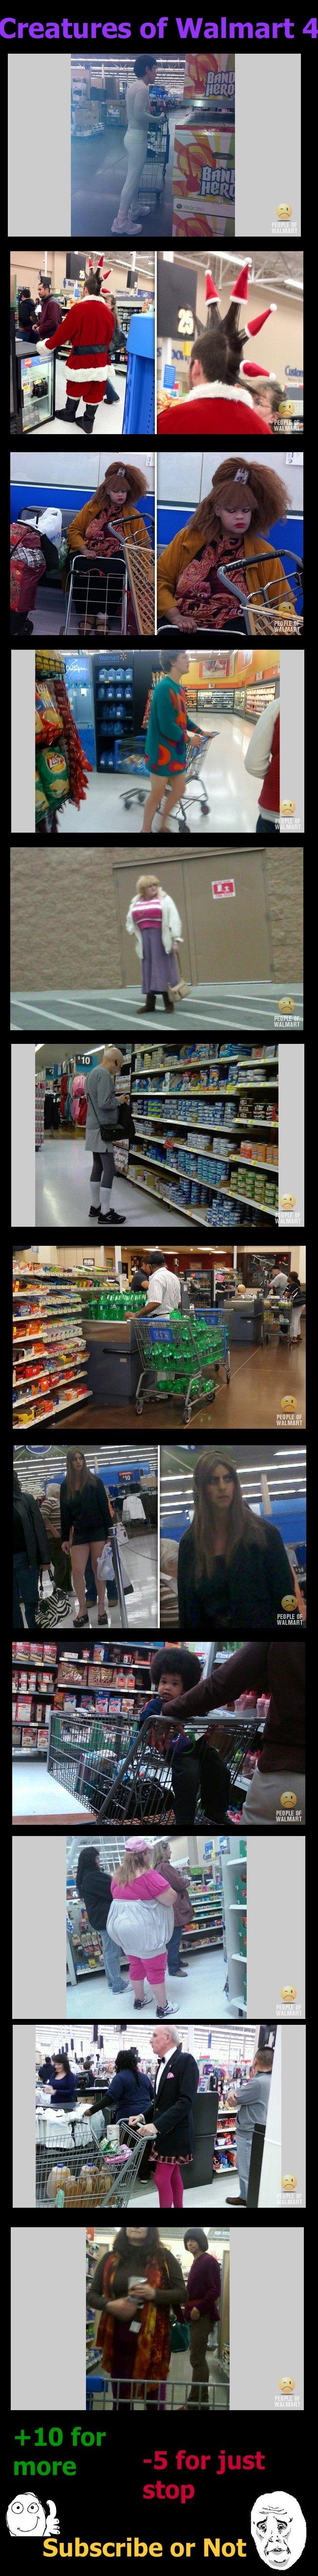 Creatures of Walmart Comp 4. EDIT: Part 5- www.funnyjunk.com/funny_pictures/2091054/Creatures+of+Walmart+Comp+5/ Part 1-www.funnyjunk.com/funny_pictures/2083969